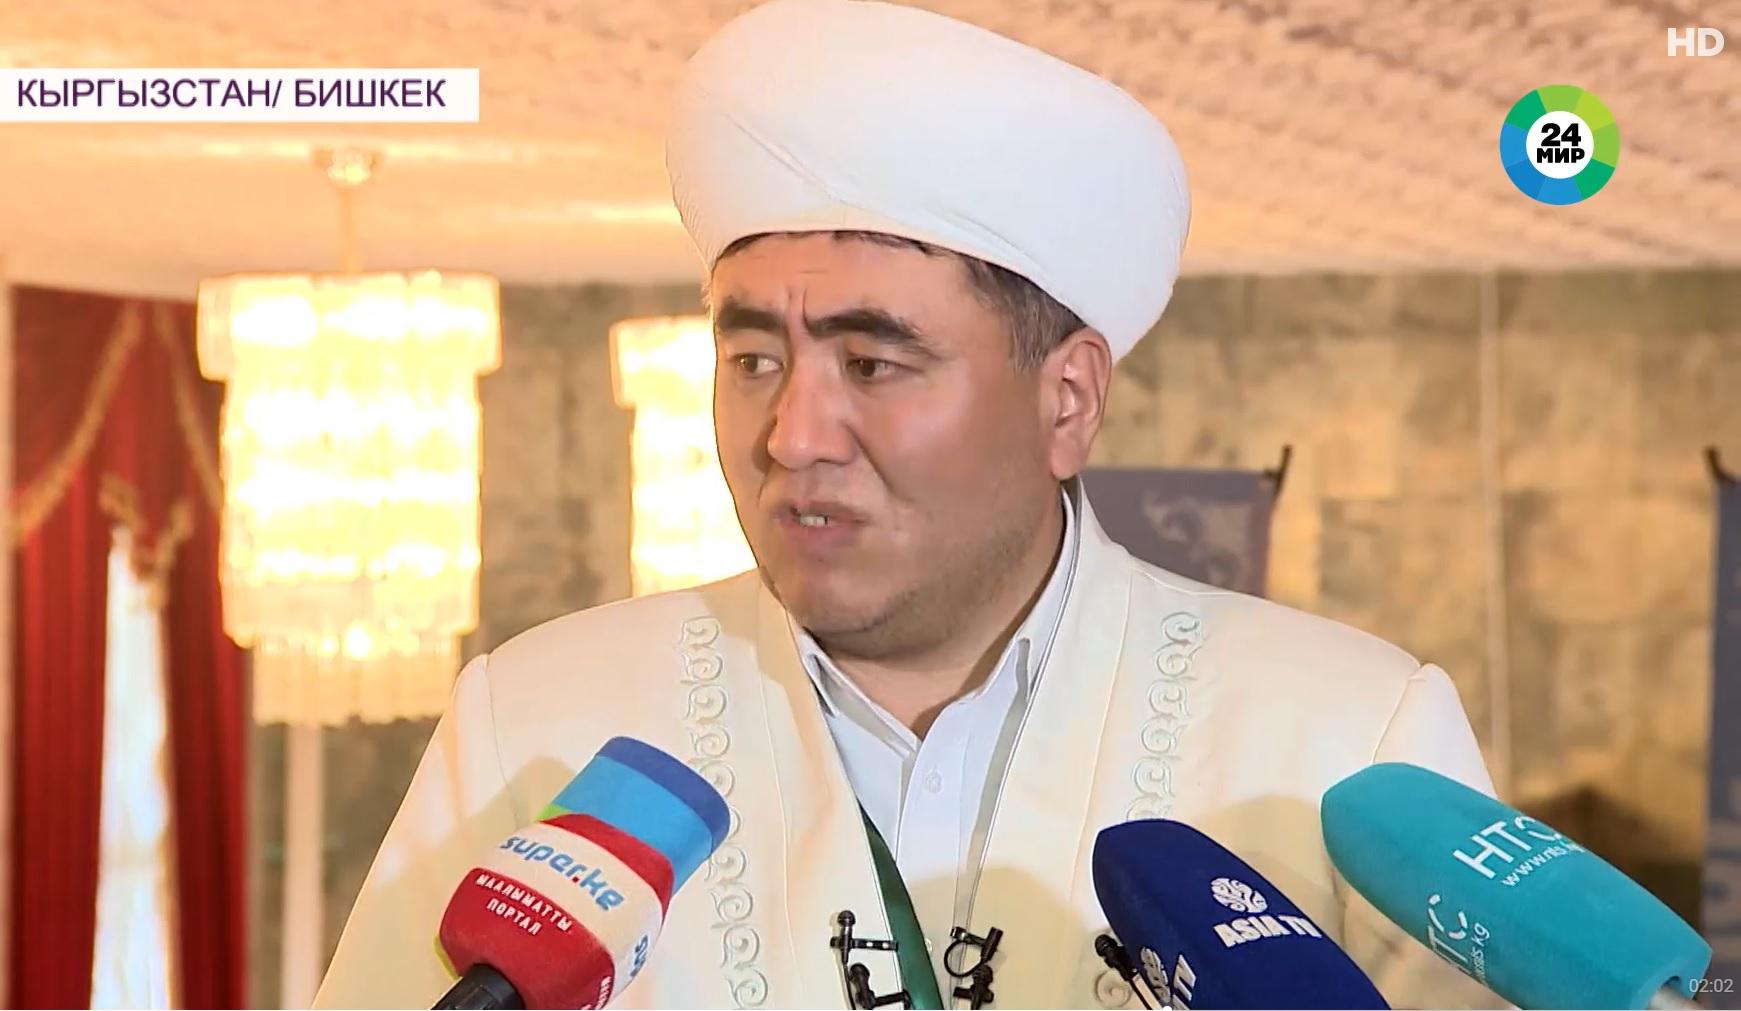 Выпускник Аль-Азхара победил на выборах муфтия Киргизии